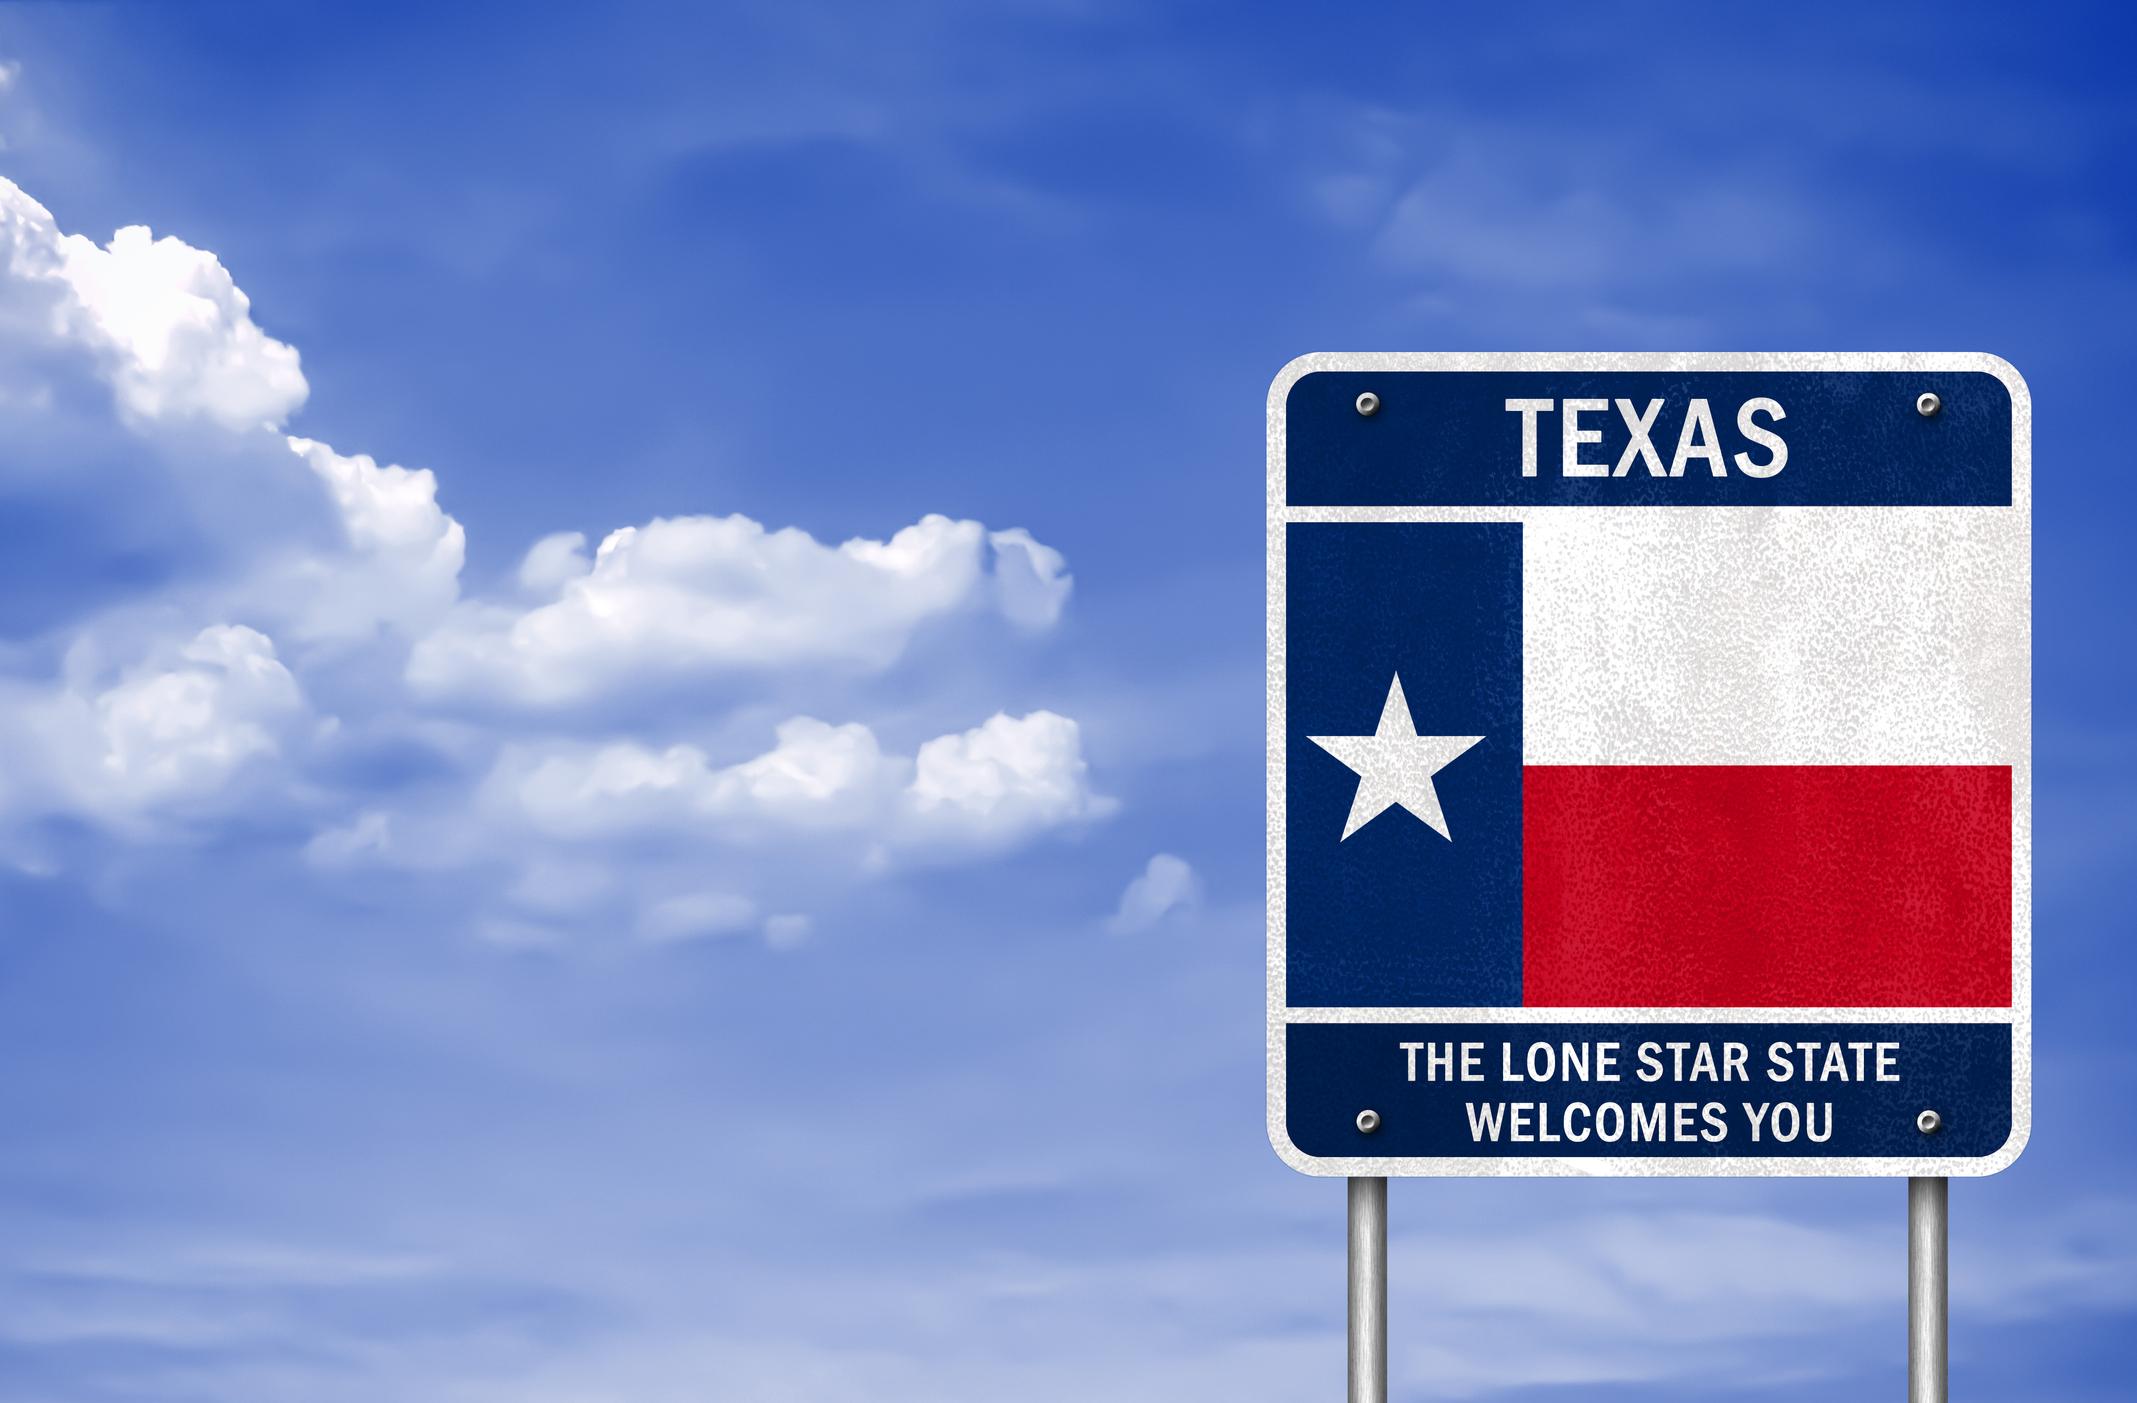 37% người dân Texas mong muốn Chính phủ Mỹ chấp nhận thanh toán hợp pháp bằng tiền mã hoá